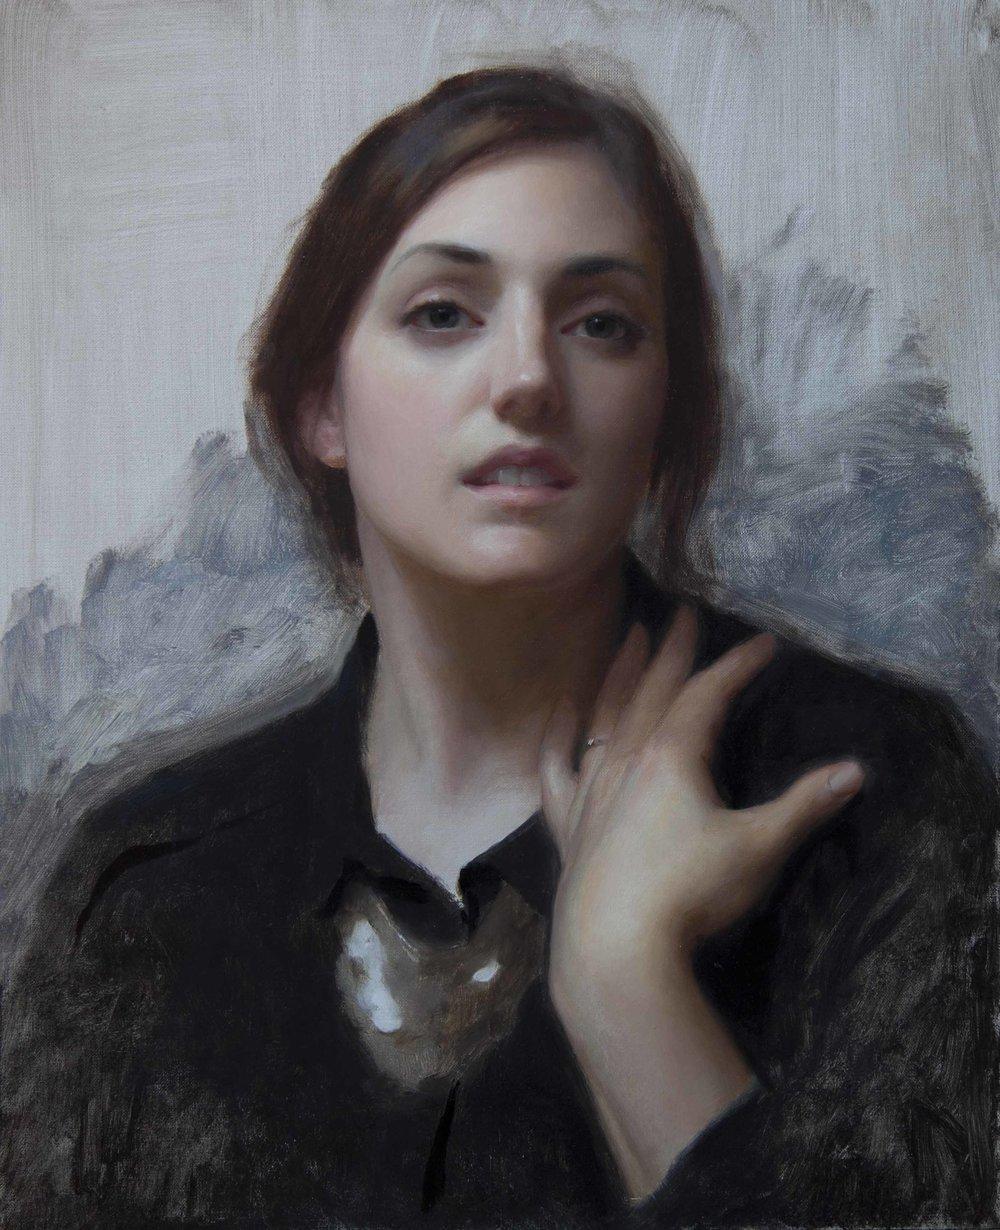 April 28-30 2017 - Durham, NC - 3-Day Portrait Painting Workshop